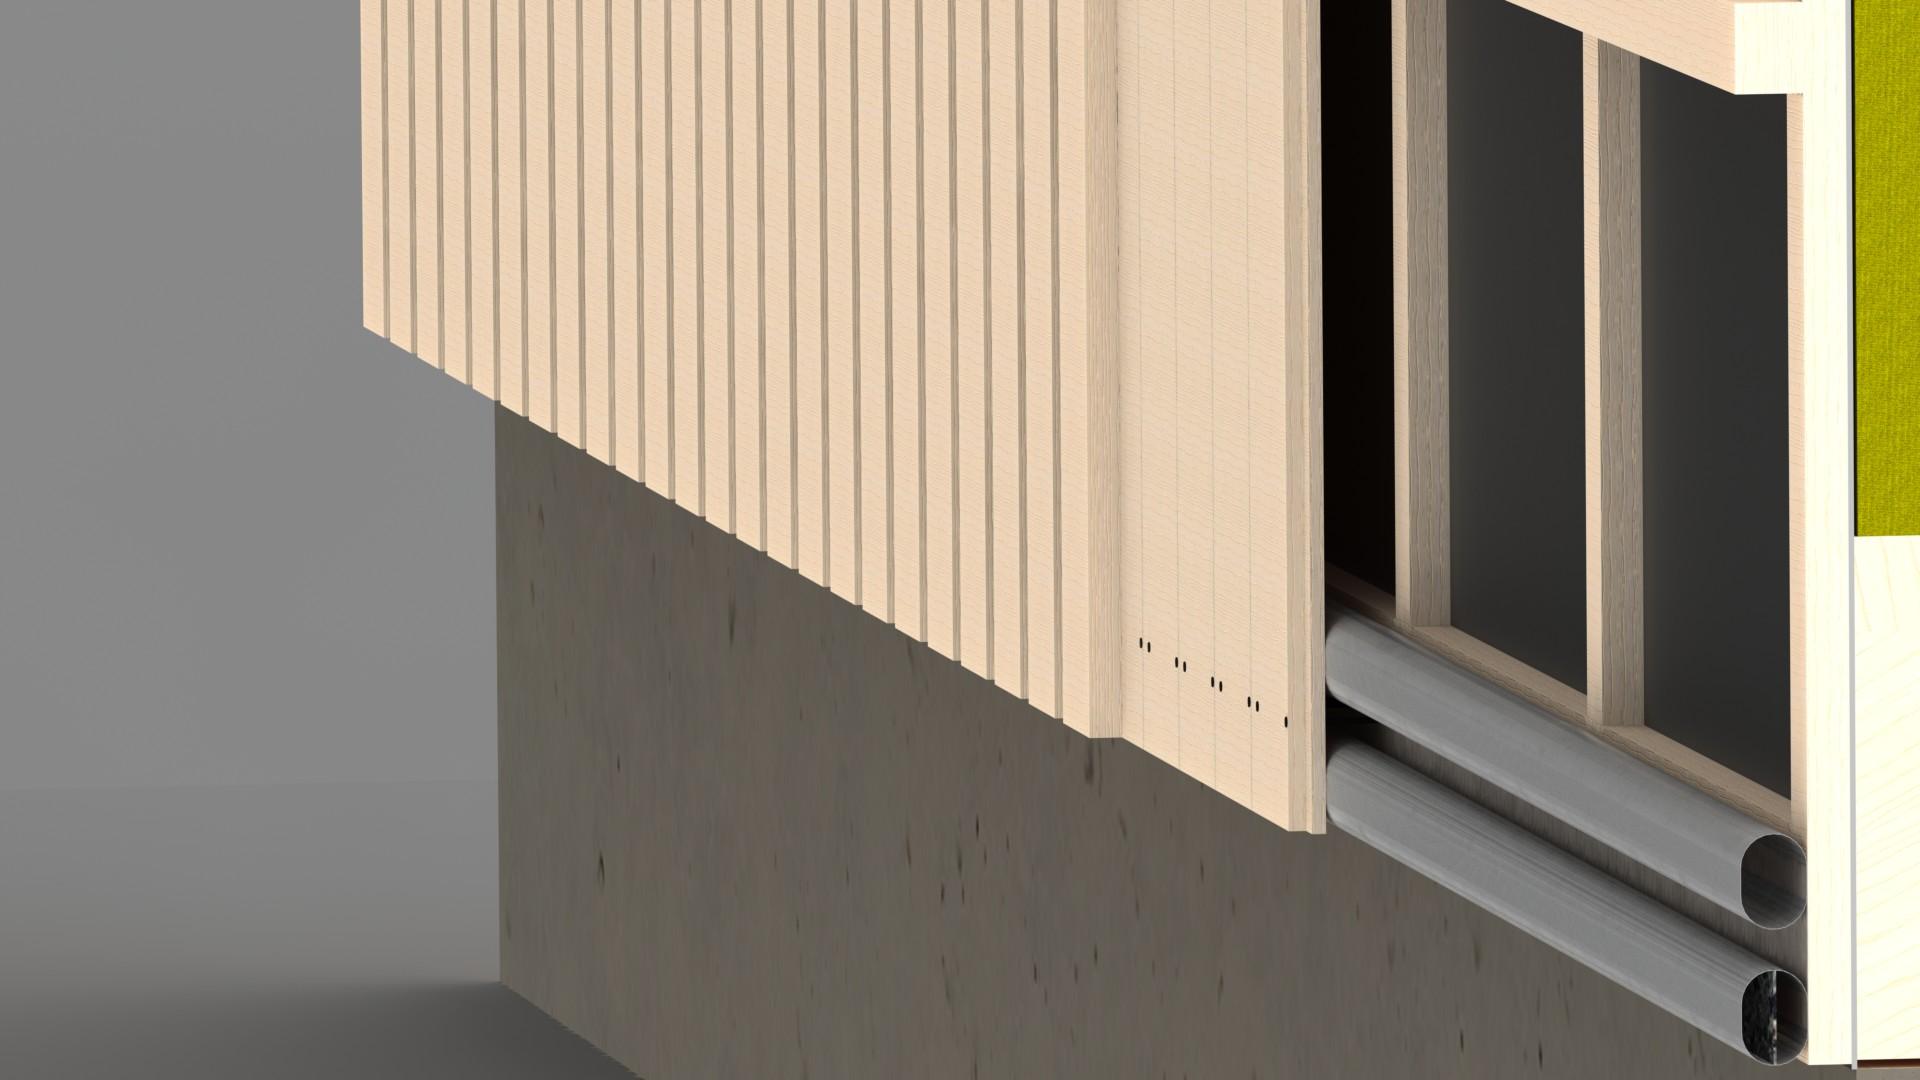 FB Luftspaltsventil i fasad